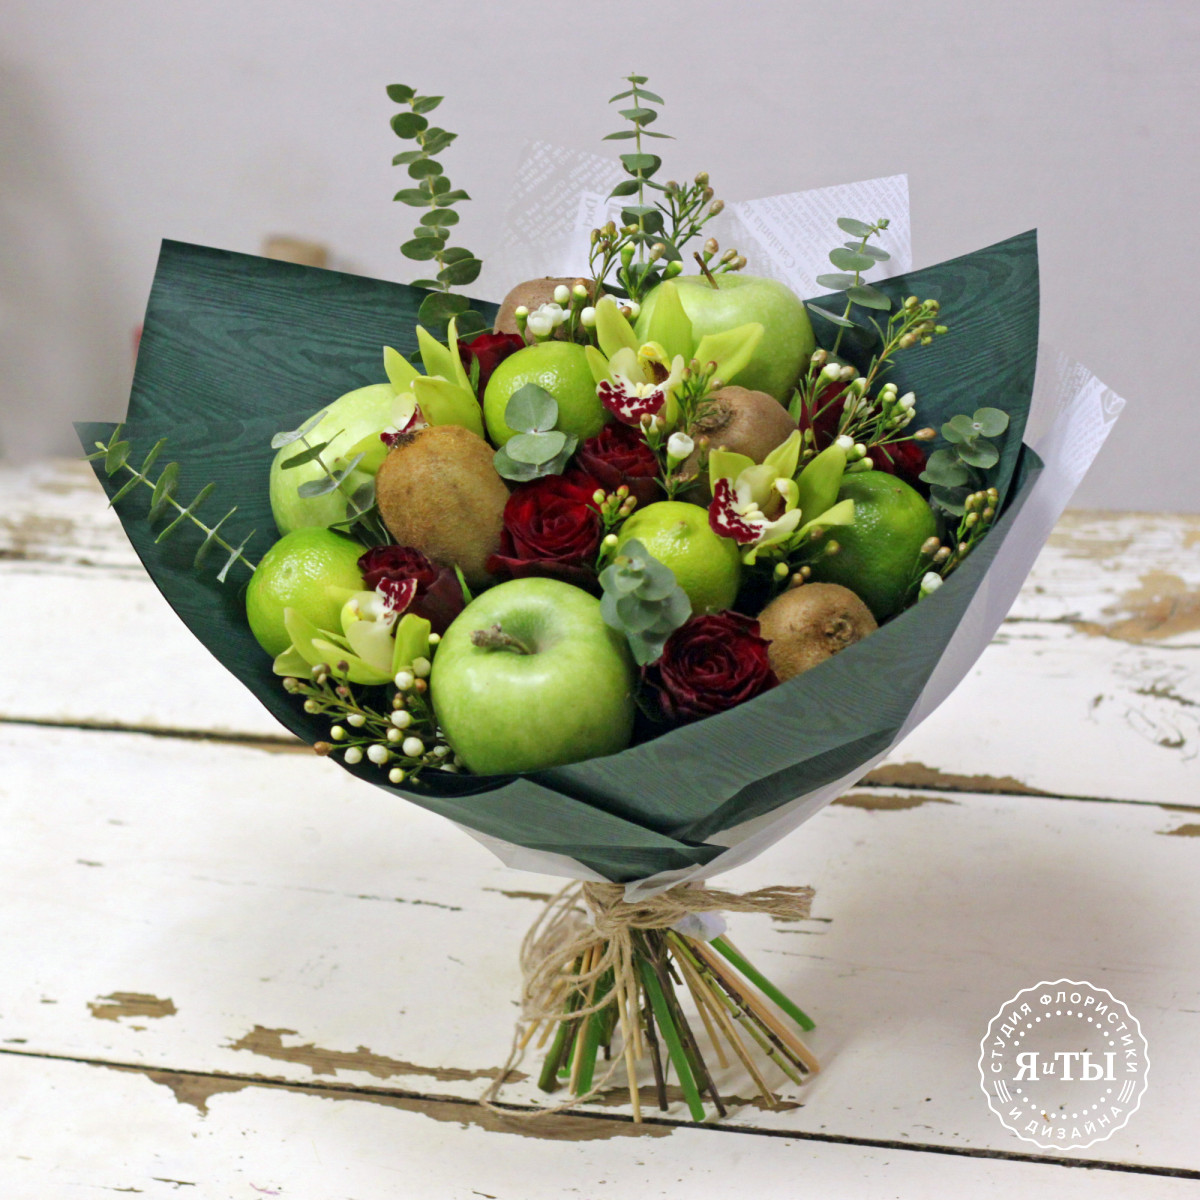 Фруктовый букет с киви и орхидеями